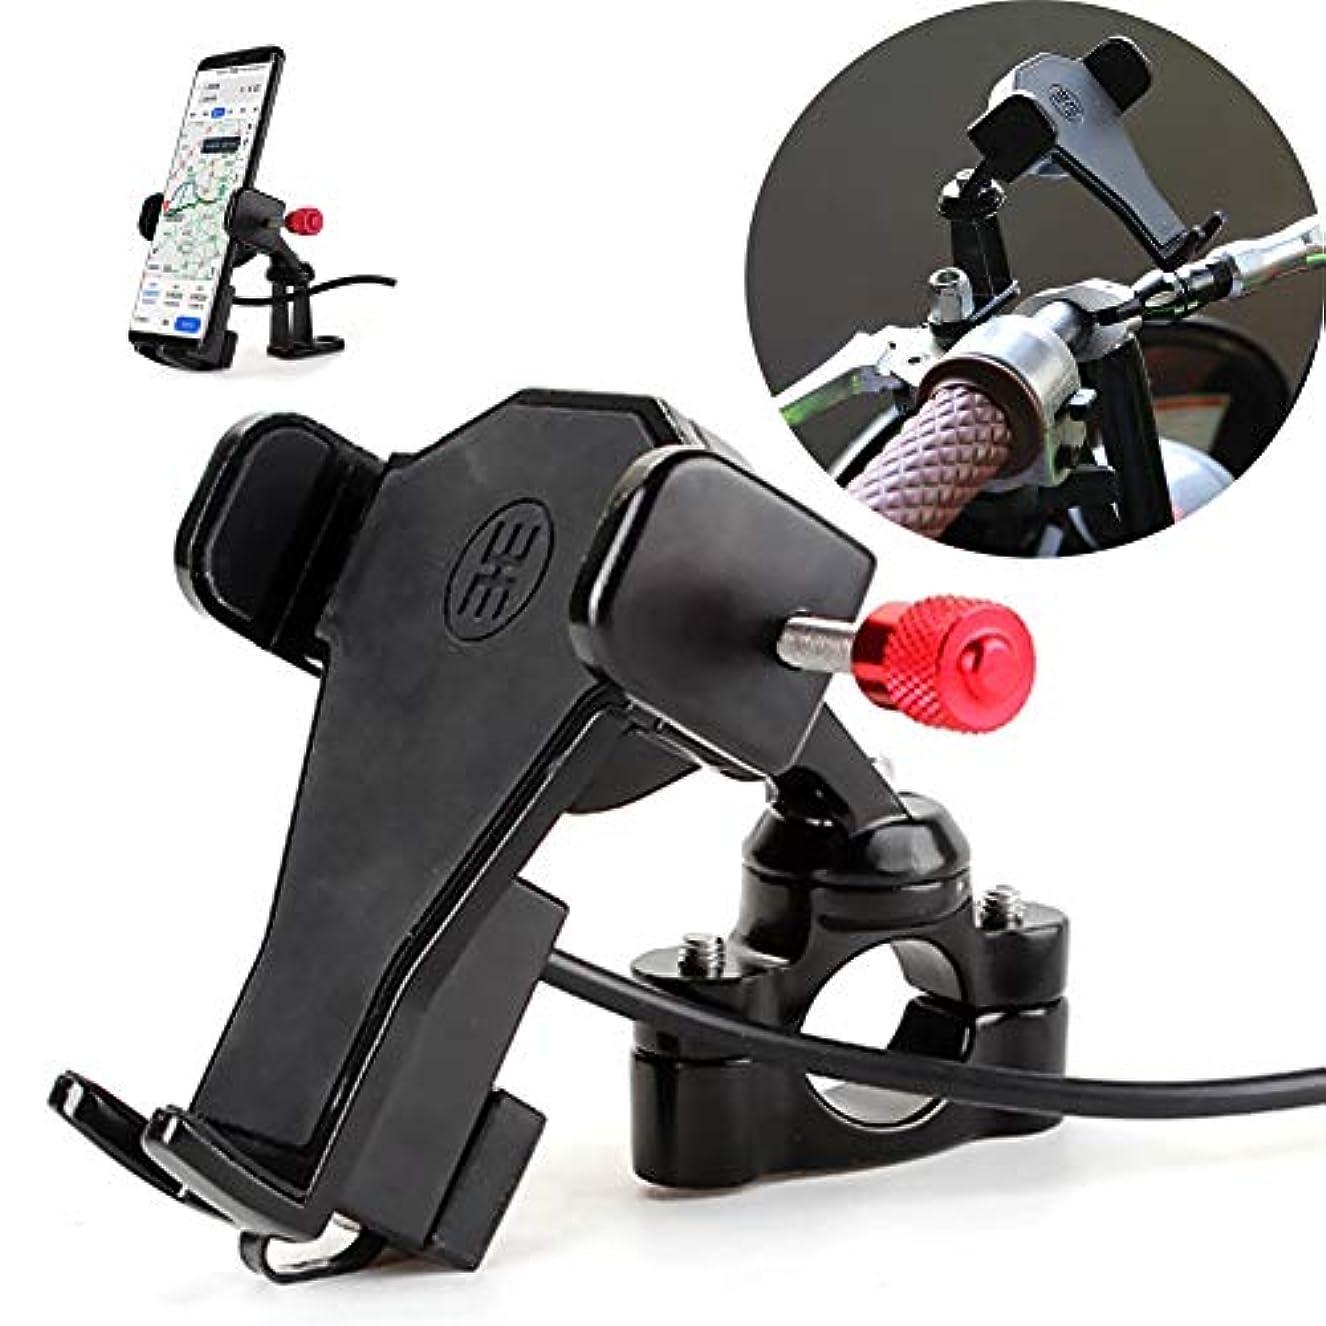 ライバルシリアル水没自転車オートバイ携帯電話マウントホルダー - USB充電器付き360度回転、3.5-6.6インチ電話に適しています、あらゆるスマートフォンGPS用 - ユニバーサルマウンテンロードバイクオートバイ